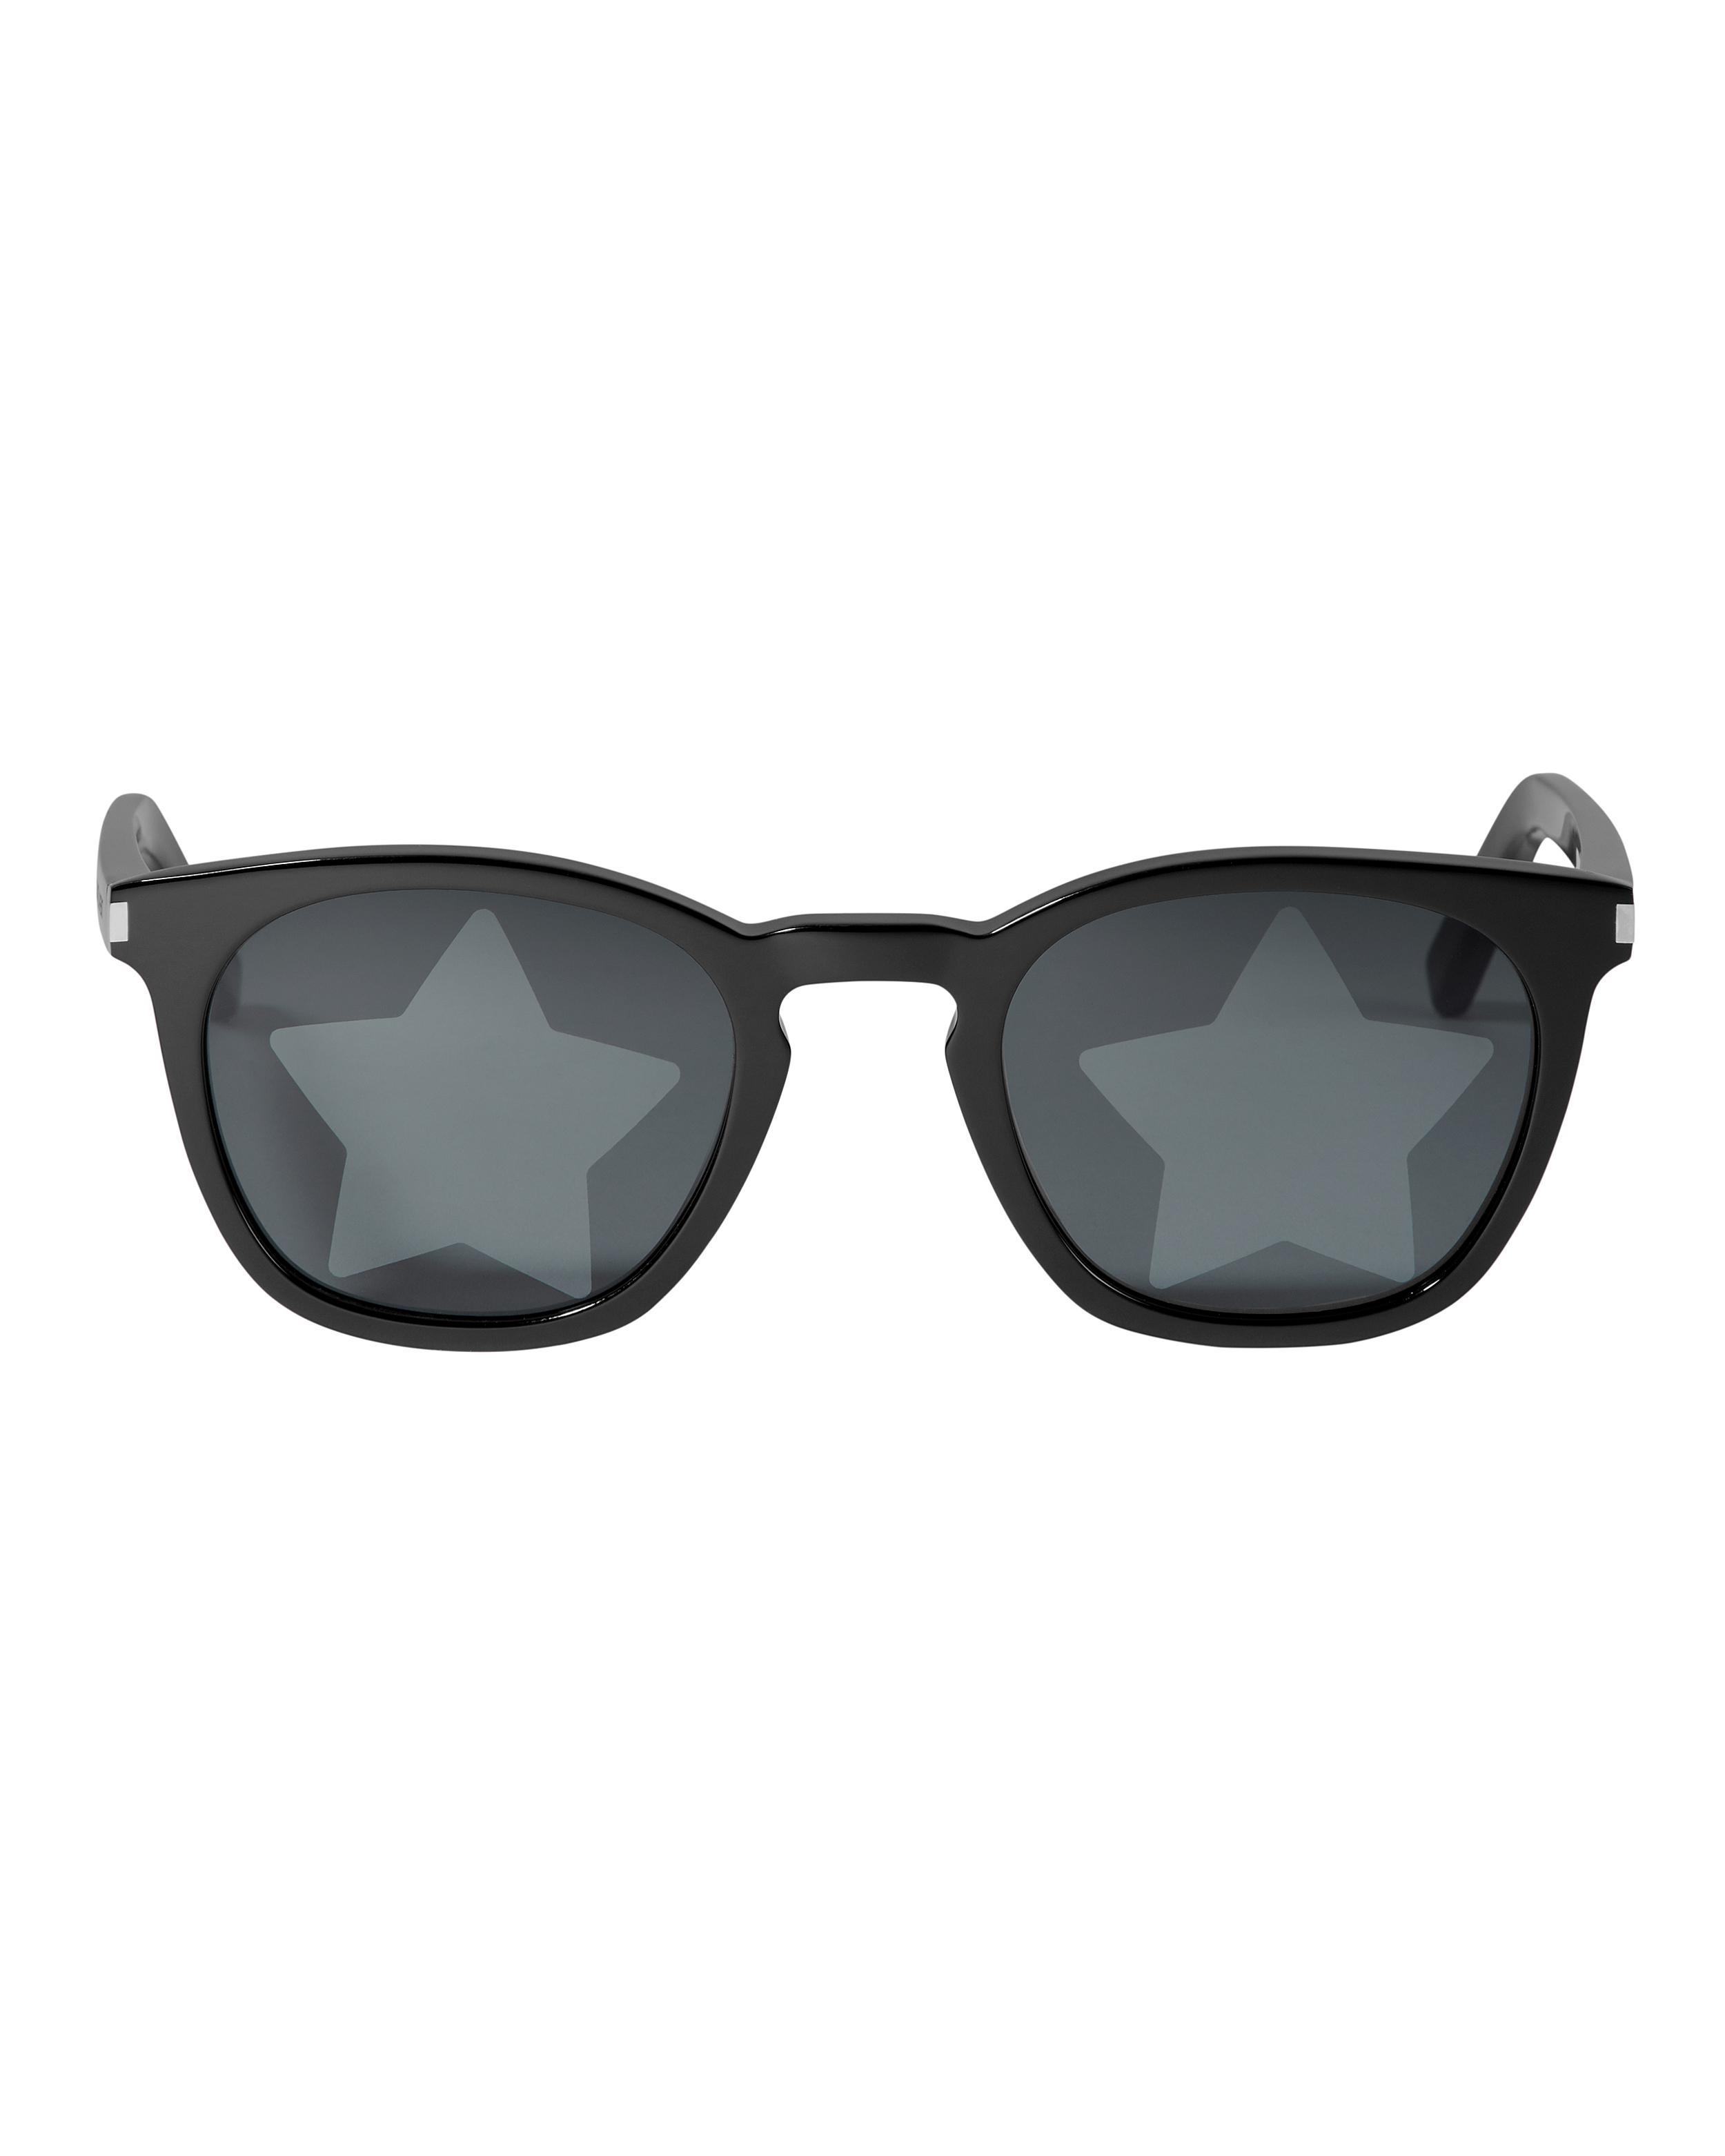 d8a05e3736c Saint Laurent Square Acetate Star-Lens Sunglasses In Black | ModeSens